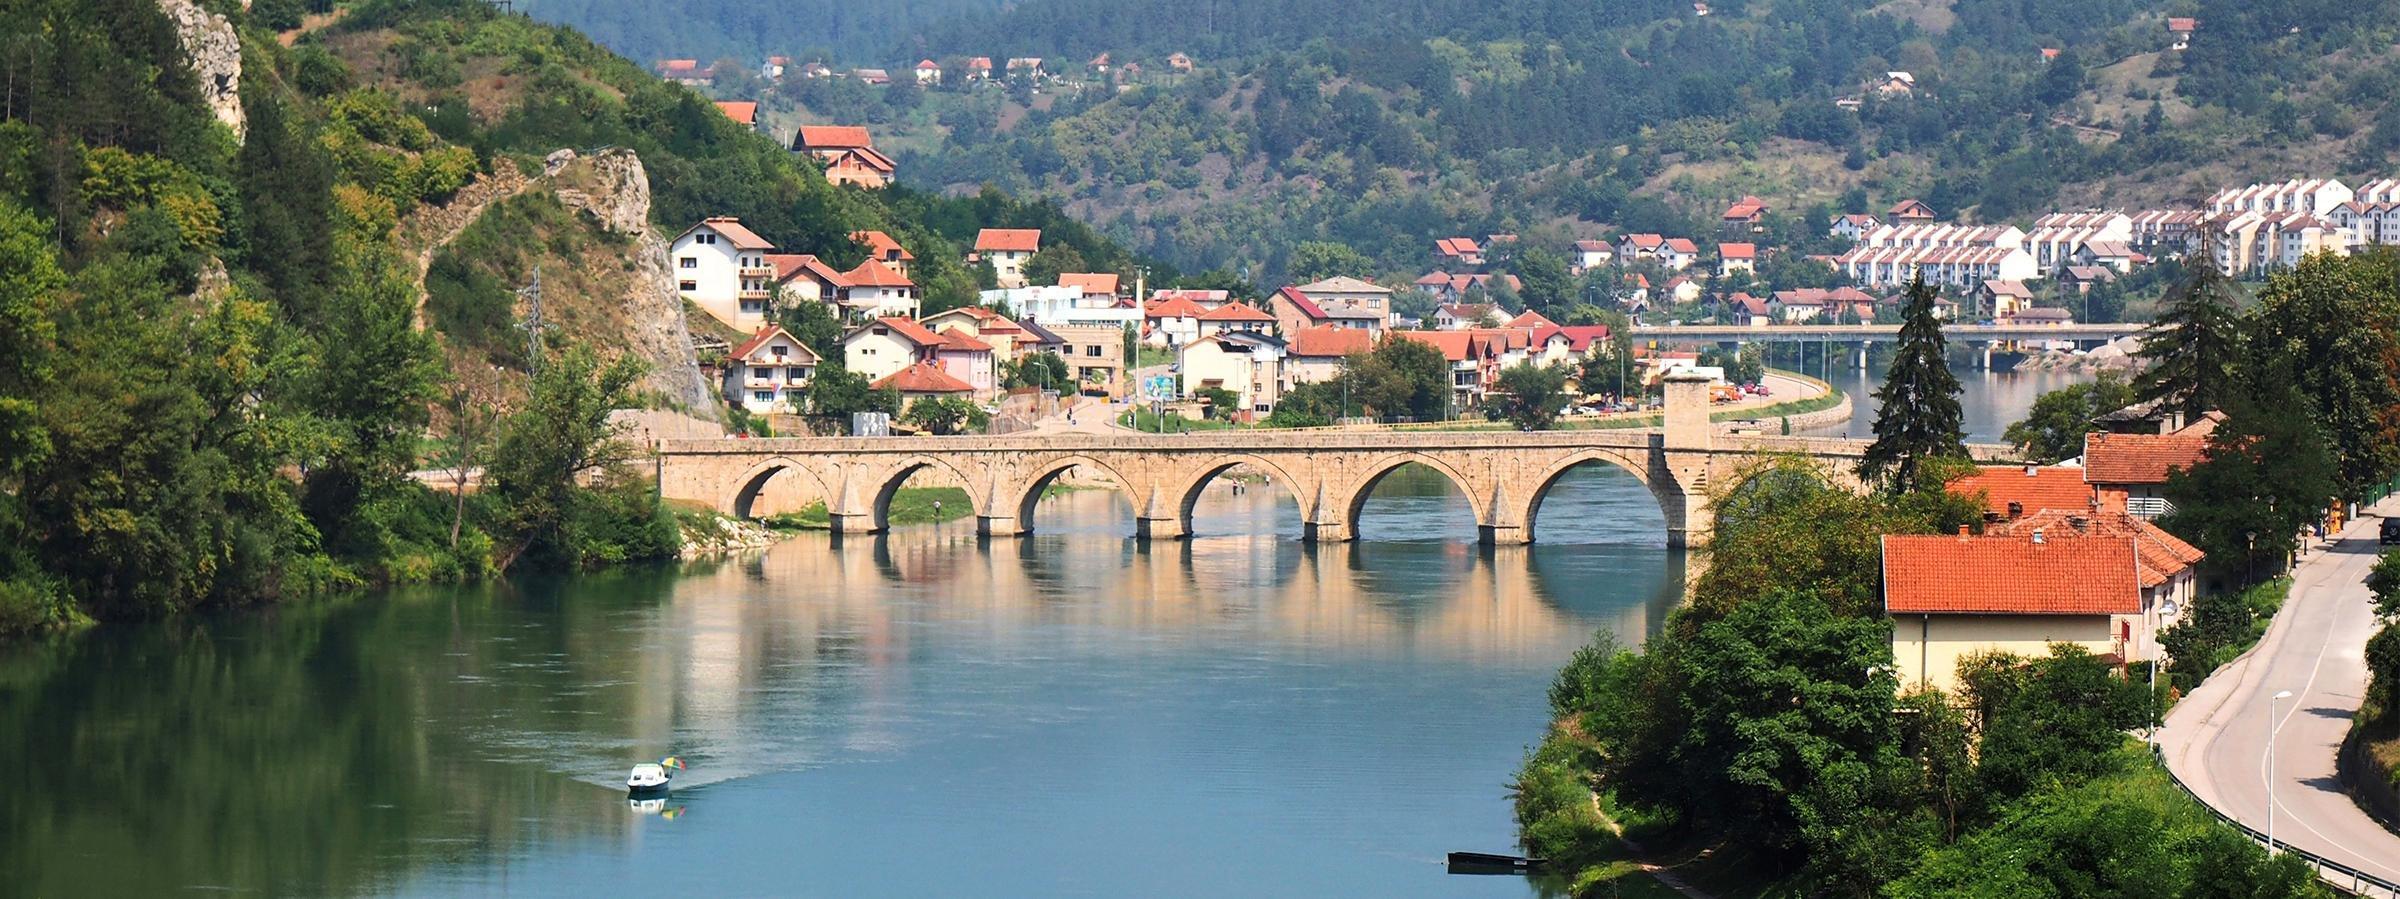 Avontuurlijke rondreis naar Bosnië, Montenegro & Albanië